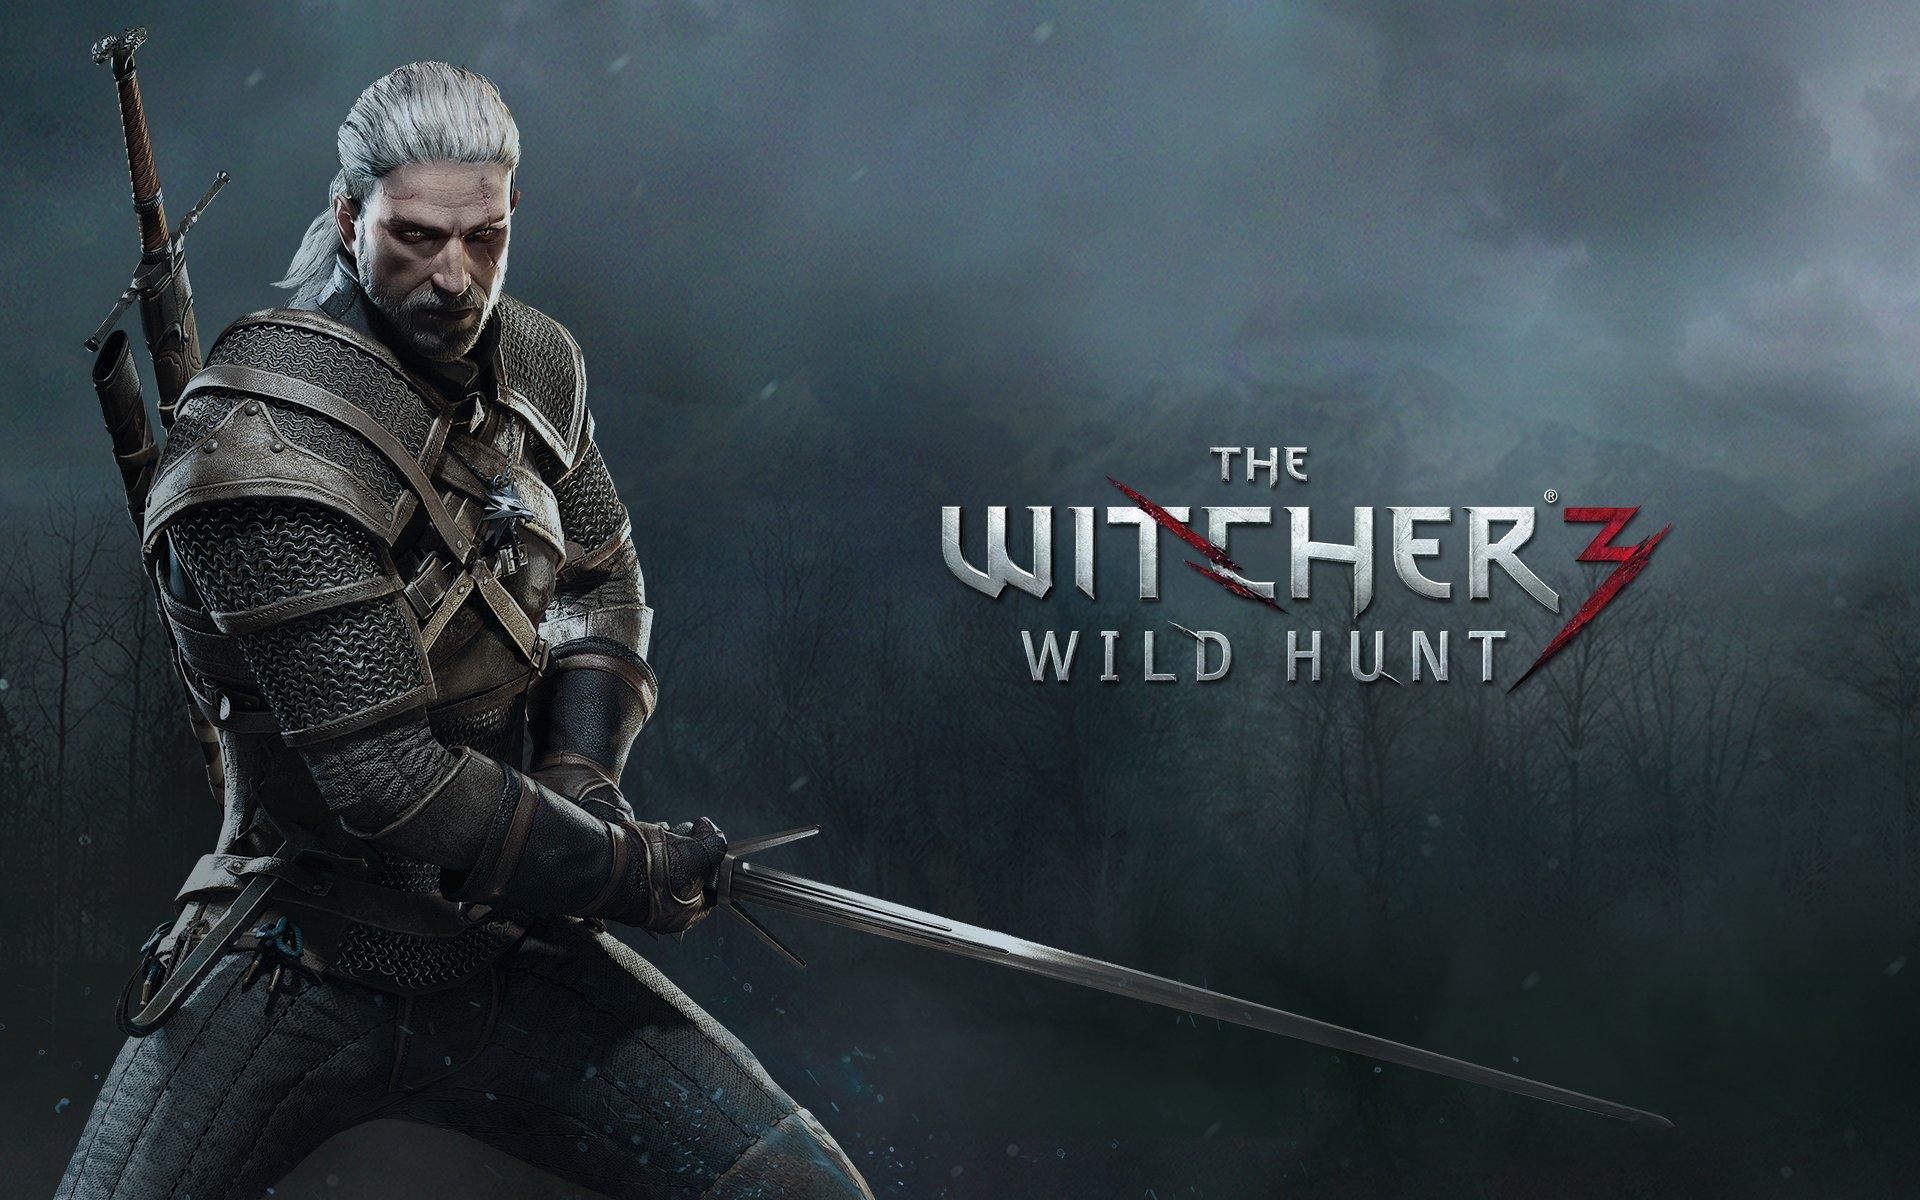 The Witcher 3: Wild Hunt. Оценки!  GameSpot — 10/10  Одна из лучших игр в истории  GameGuru - 10/10 Gameswelt - 10/ ... - Изображение 6